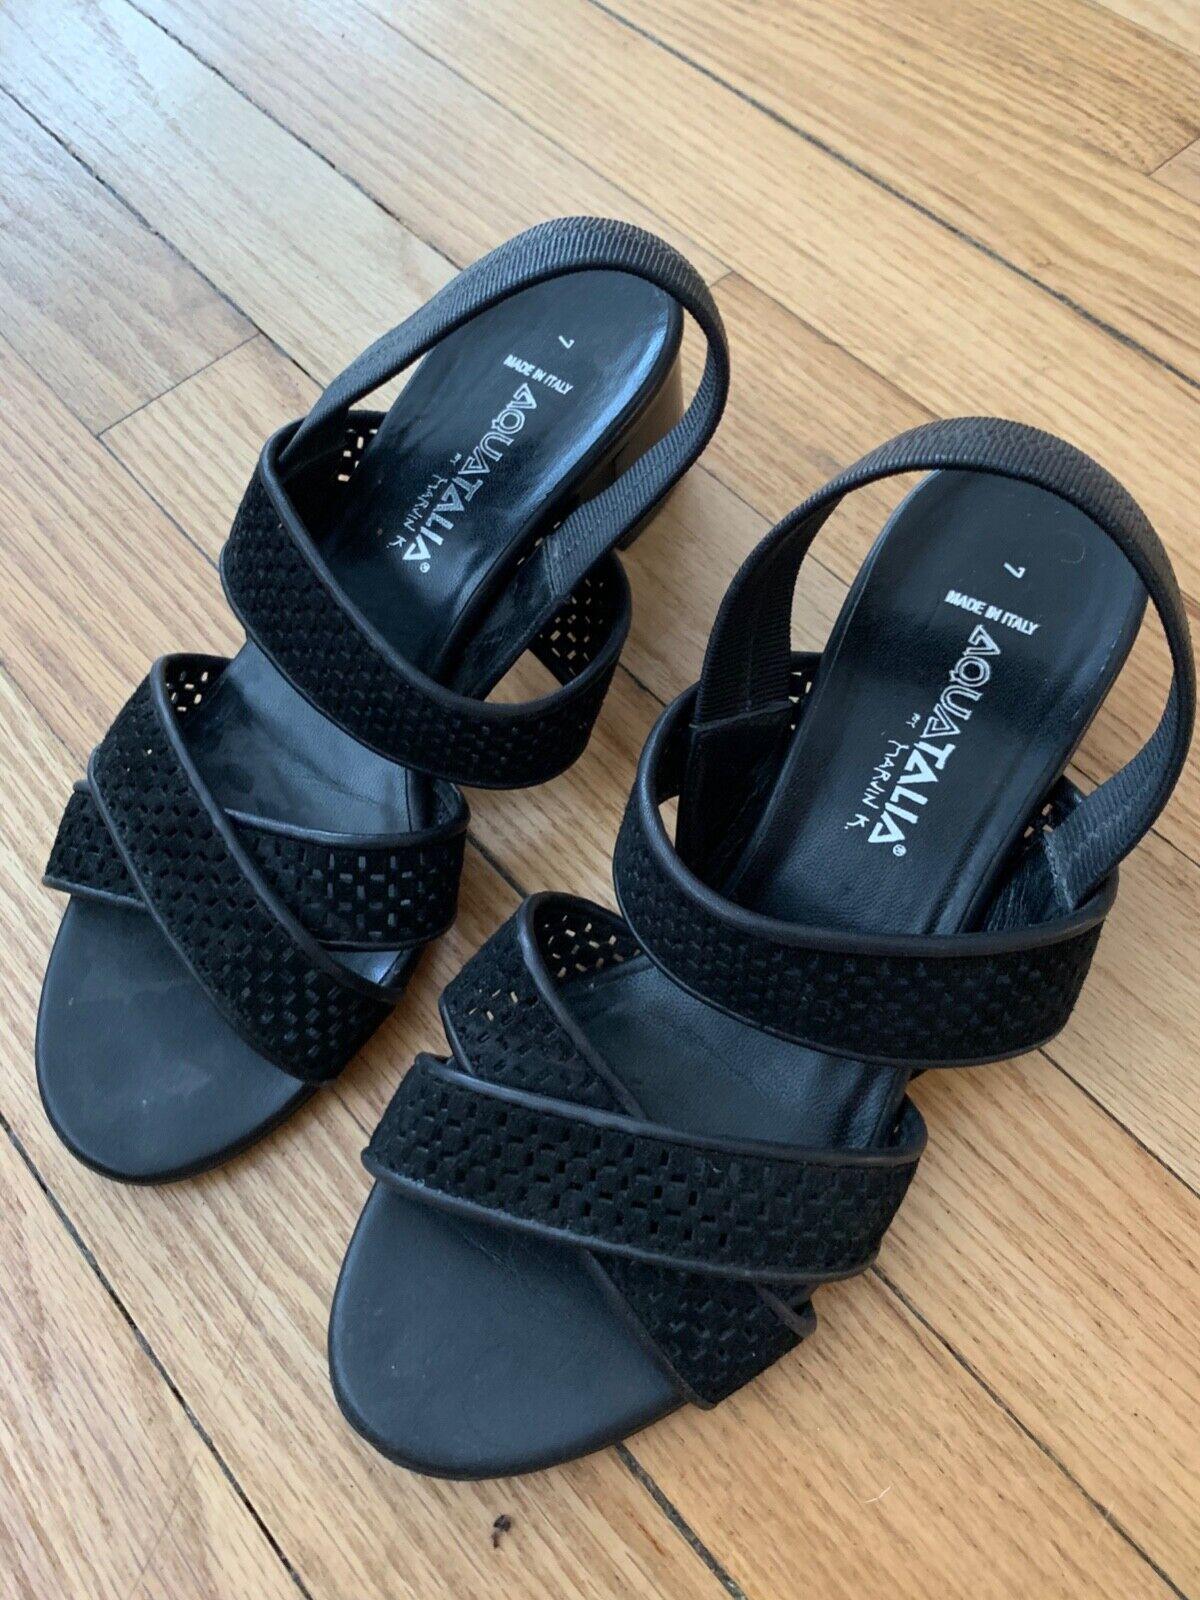 Aquatalia Strappy Black sandals  - image 1